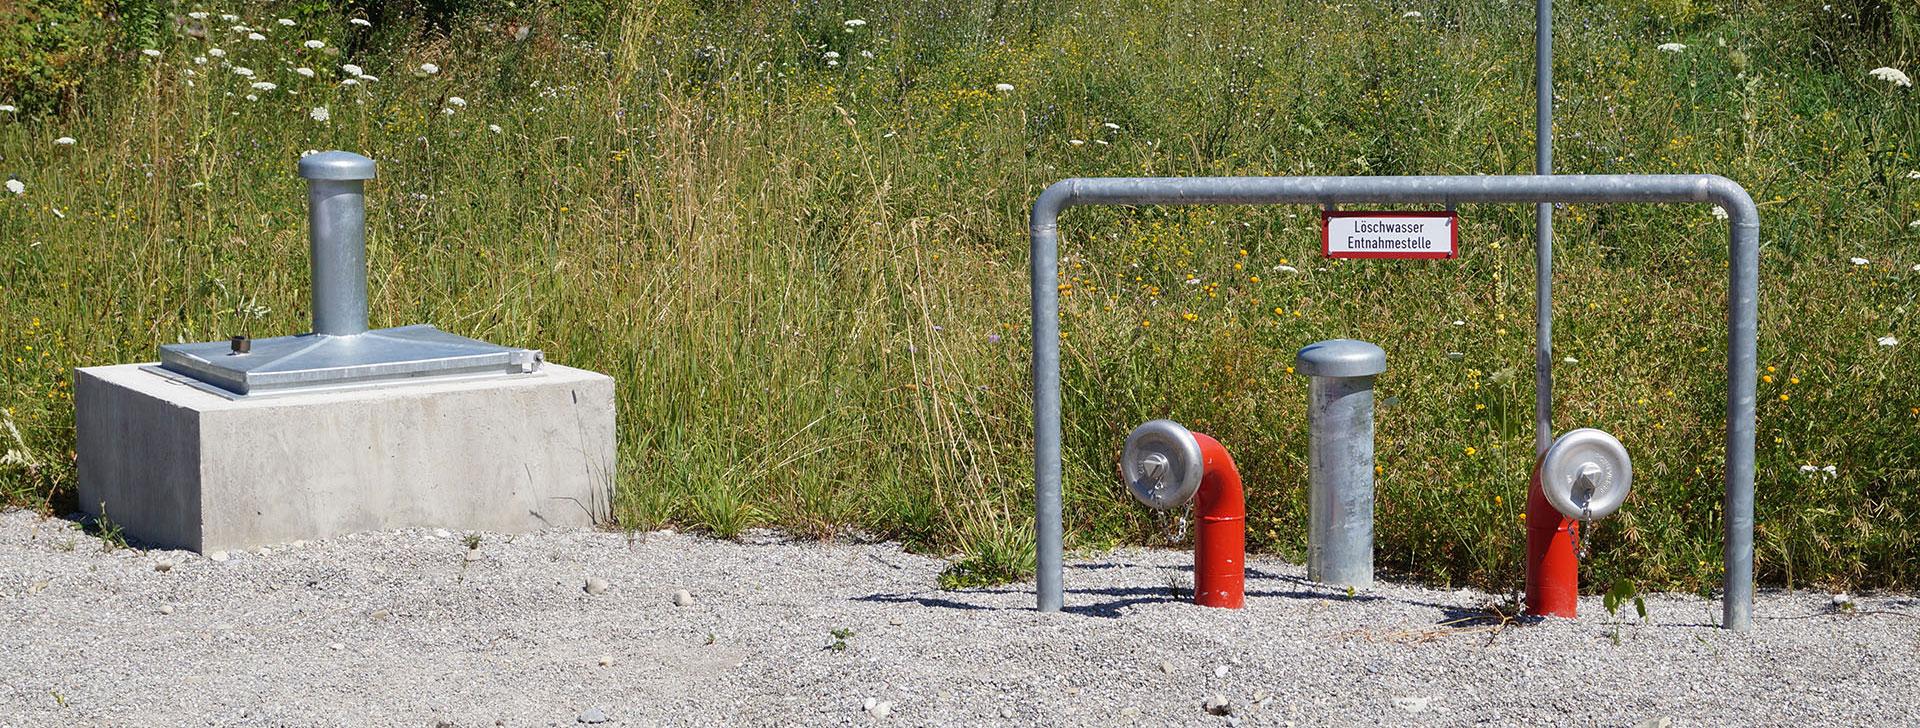 Wasserbehälter unterirdisch